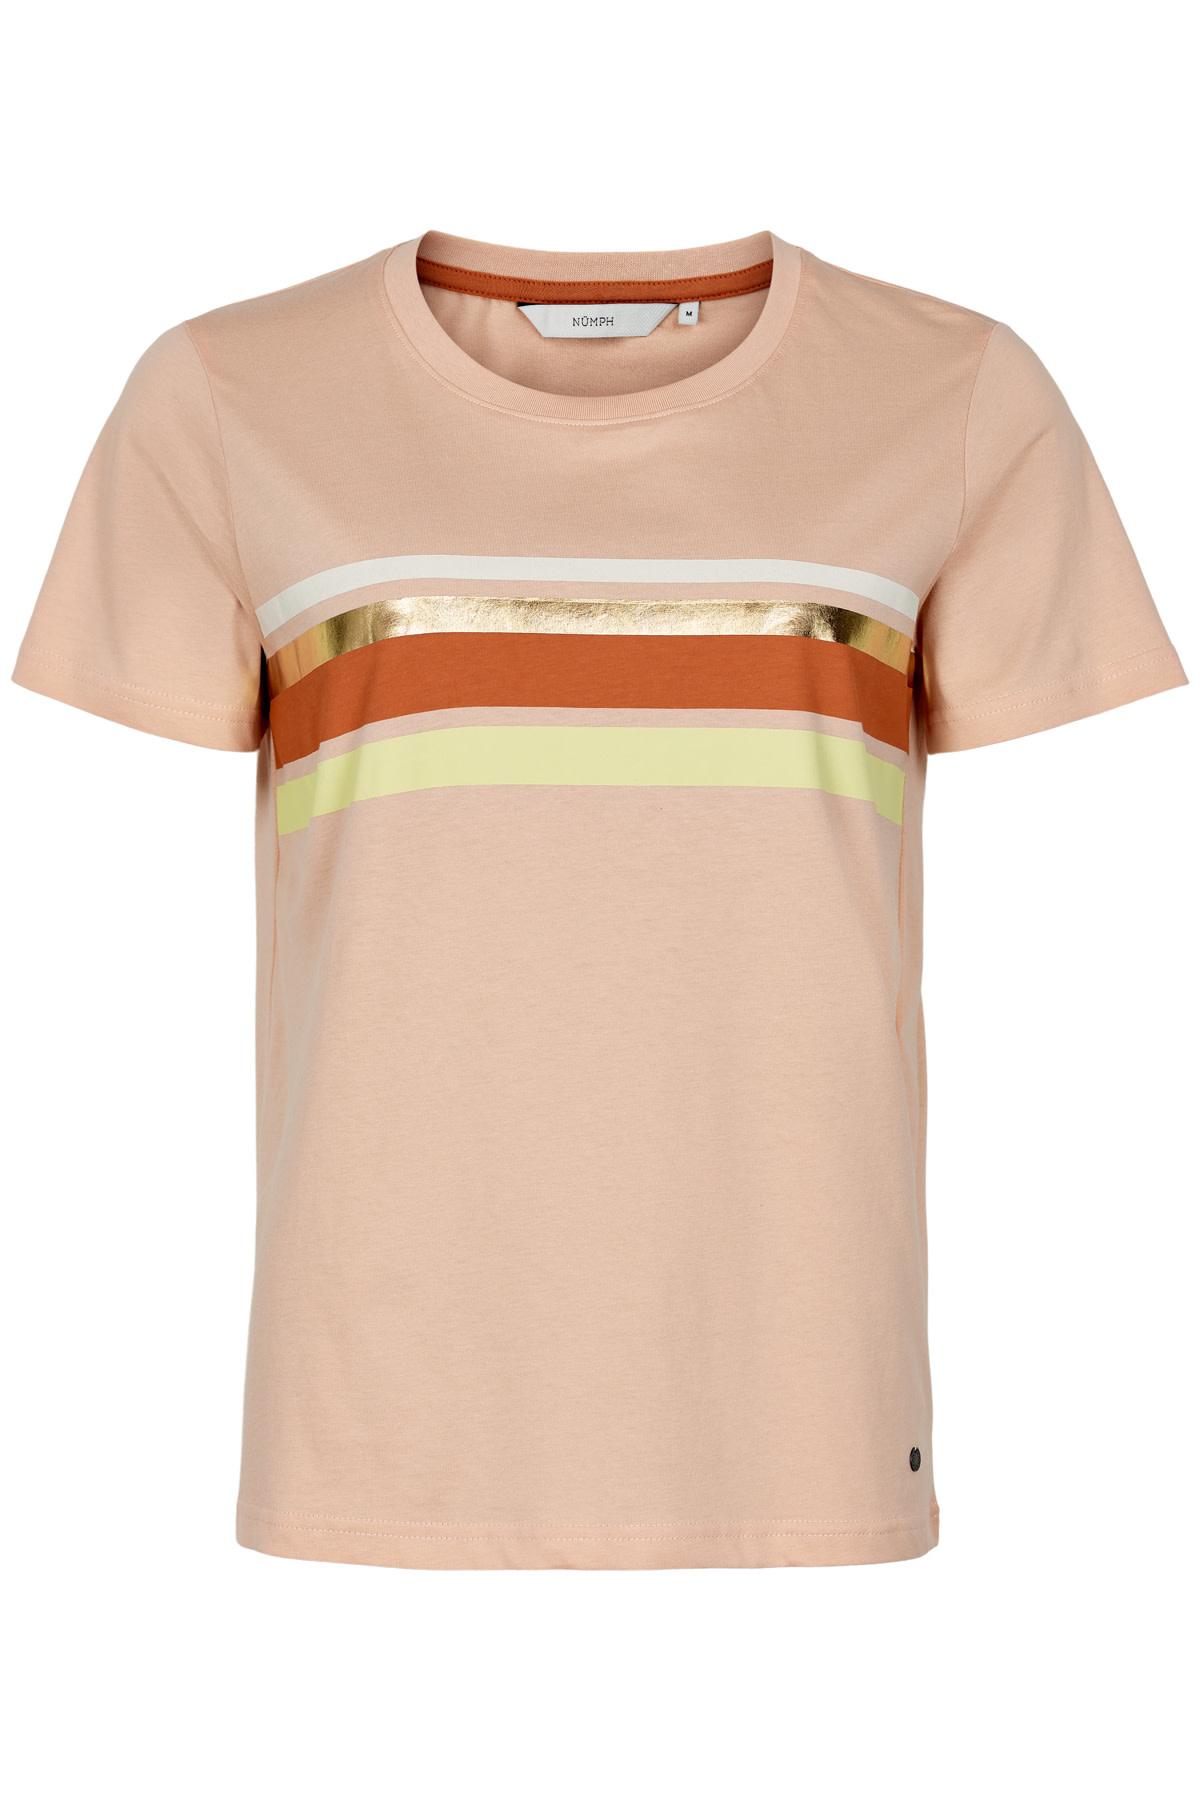 Nümph Bryce T-shirt - Rose